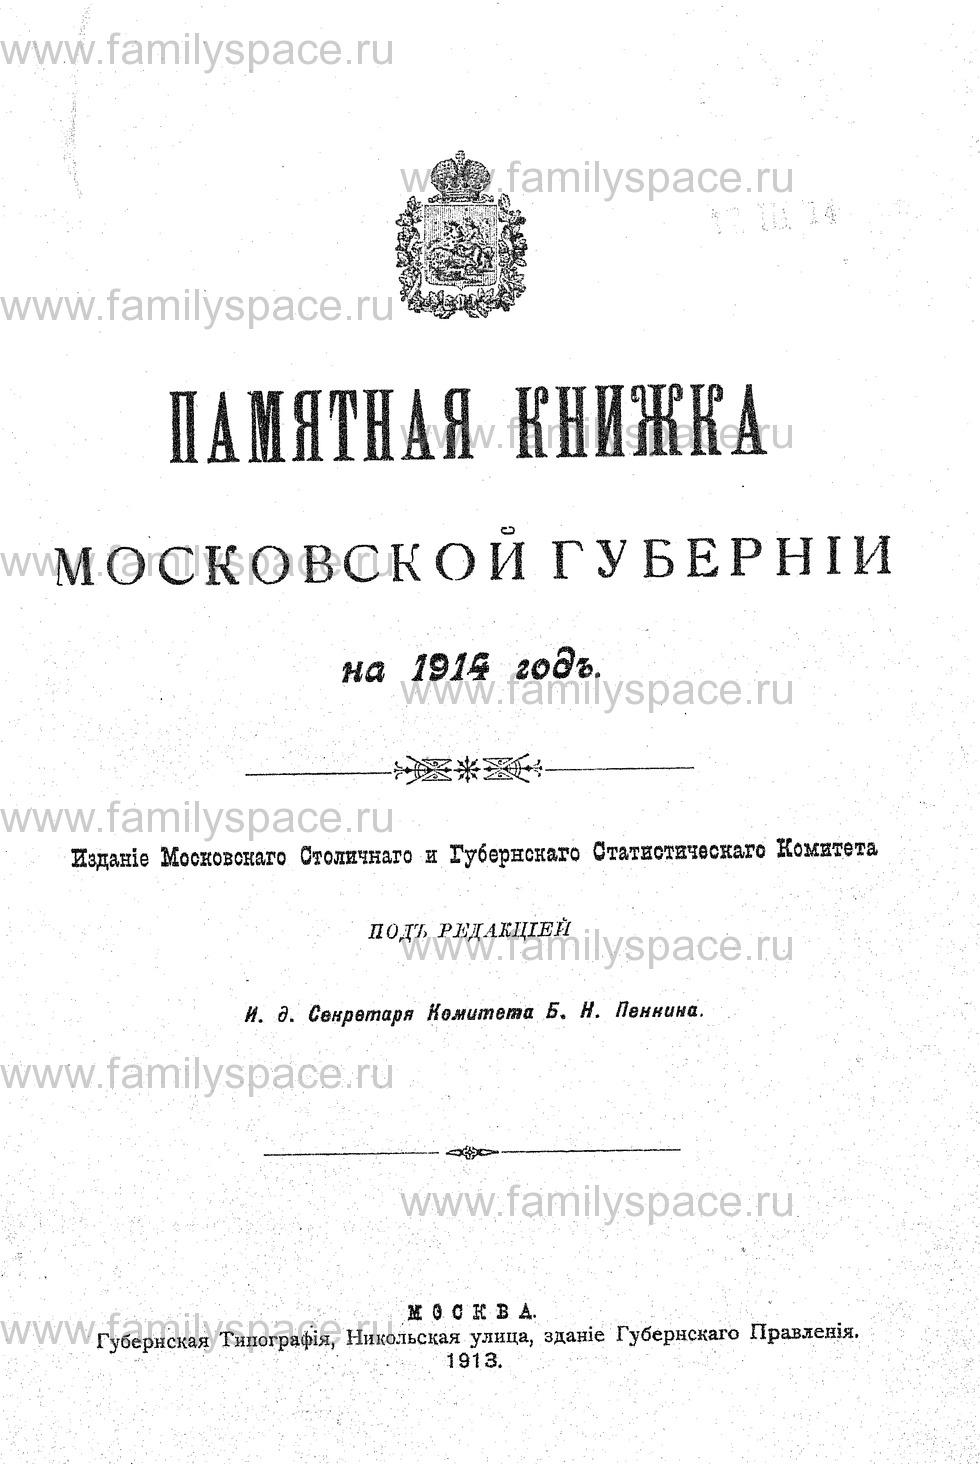 Поиск по фамилии - Памятная книжка Московской губернии на 1914 г, страница 1